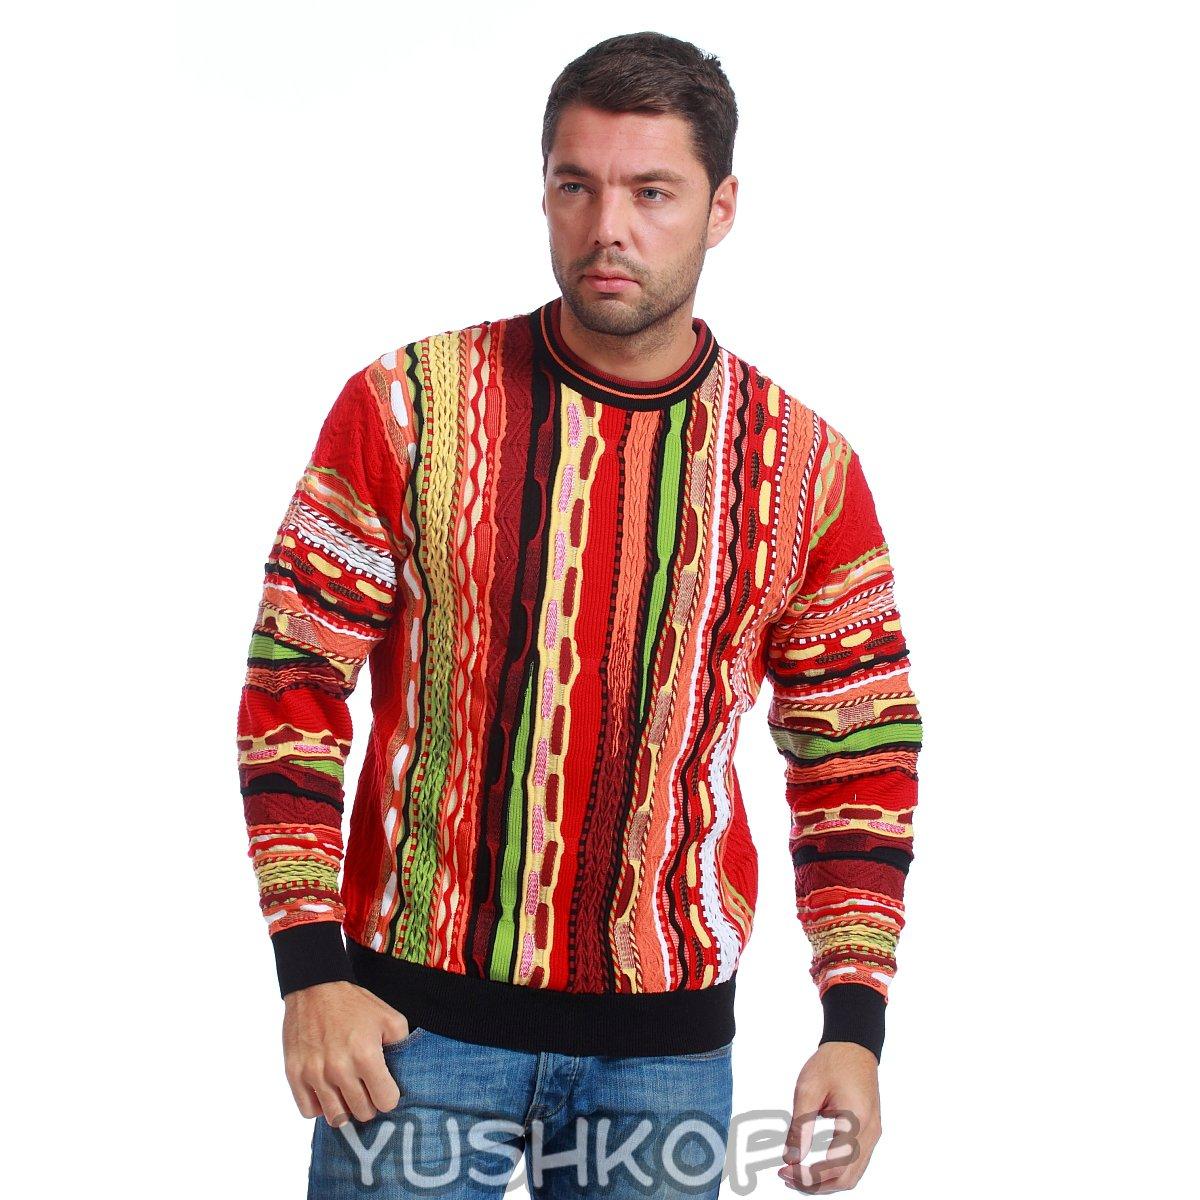 Свитер YUSHKOFF BrightFuture